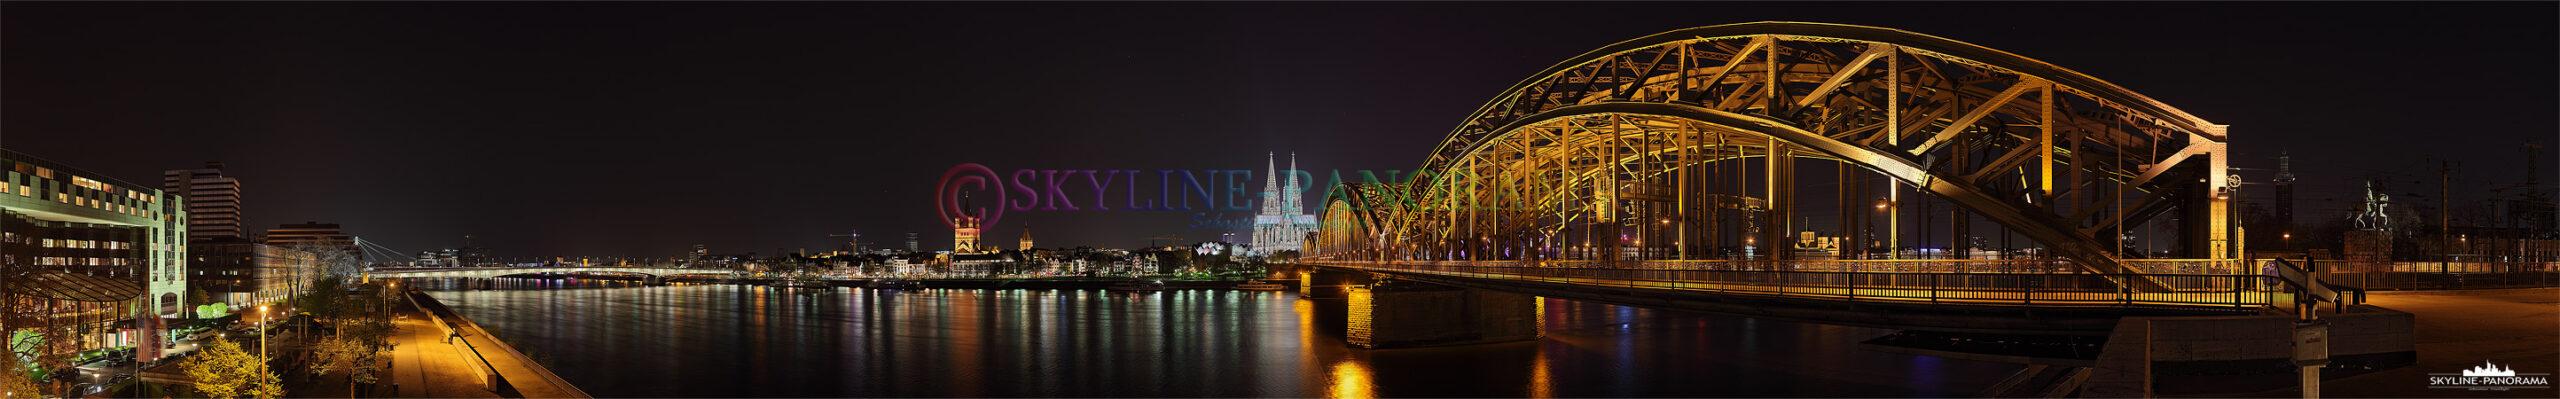 die Kölner Skyline mit Dom und Hohenzollernbrücke